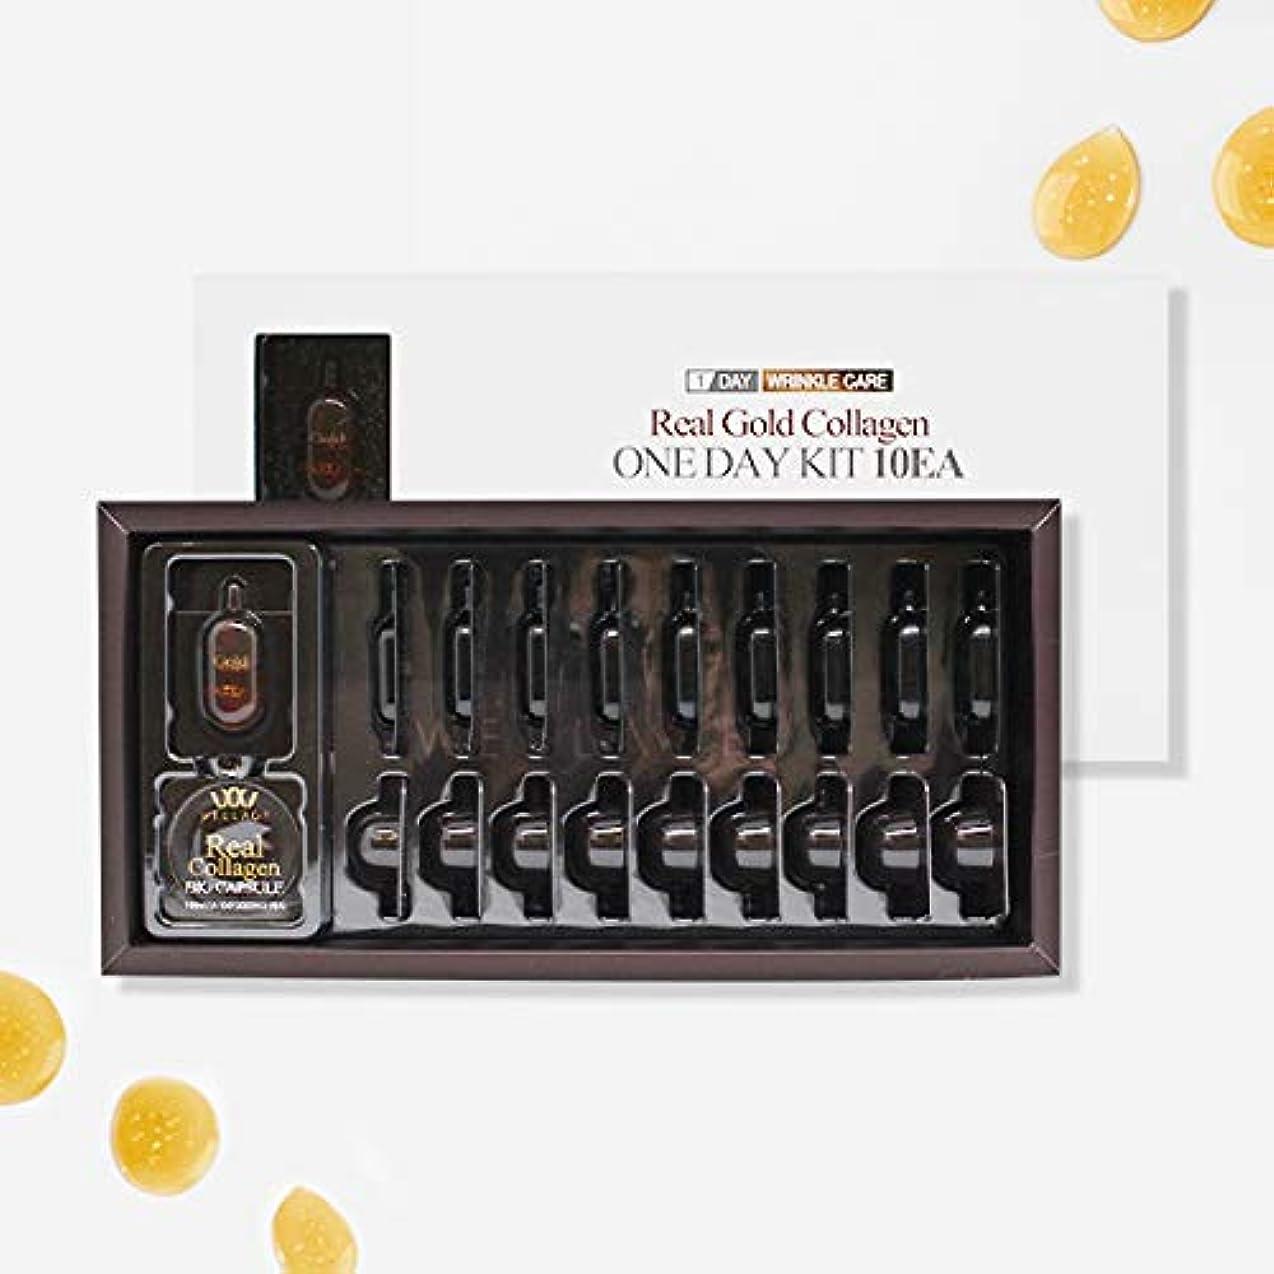 バラバラにする最も新しい意味WELLAGE(ウェラージュ) リアルゴールドワンデーキットバイオカプセル 10EA (しわケア)/ Real Gold One Day Kit Bio Capsule